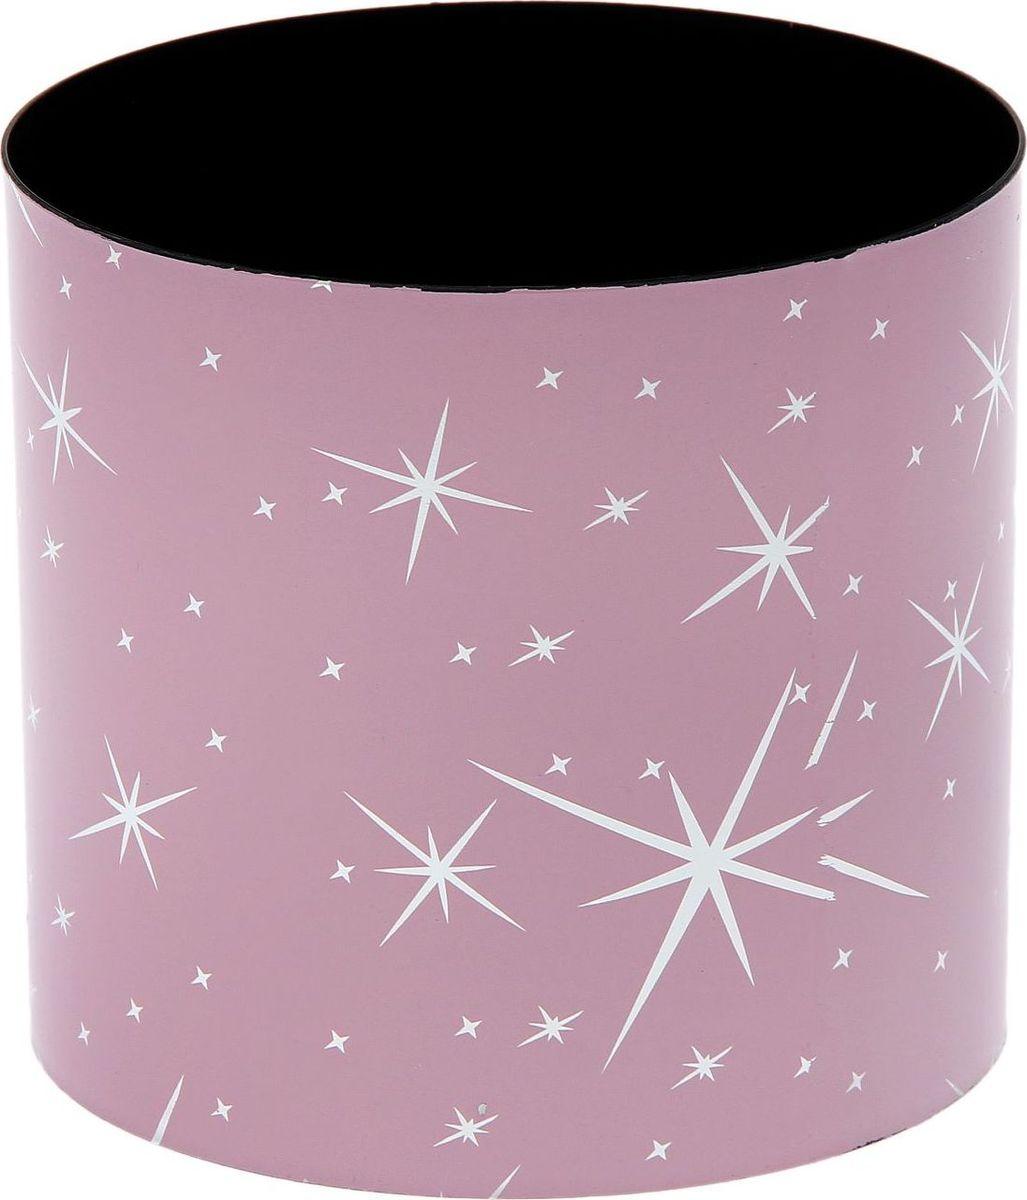 Горшок для цветов Simple Garden Звезды, со скрытым поддоном, цвет: розовый металлик, 1,7 л1915382Каждому хозяину периодически приходит мысль обновить свою квартиру, сделать ремонт, перестановку или кардинально поменять внешний вид каждой комнаты. Пластиковый горшок со скрытым поддоном Simple Garden Звезды - привлекательная деталь, которая поможет воплотить вашу интерьерную идею, создать неповторимую атмосферу в вашем доме. Окружите себя приятными мелочами, пусть они радуют глаз и дарят гармонию.